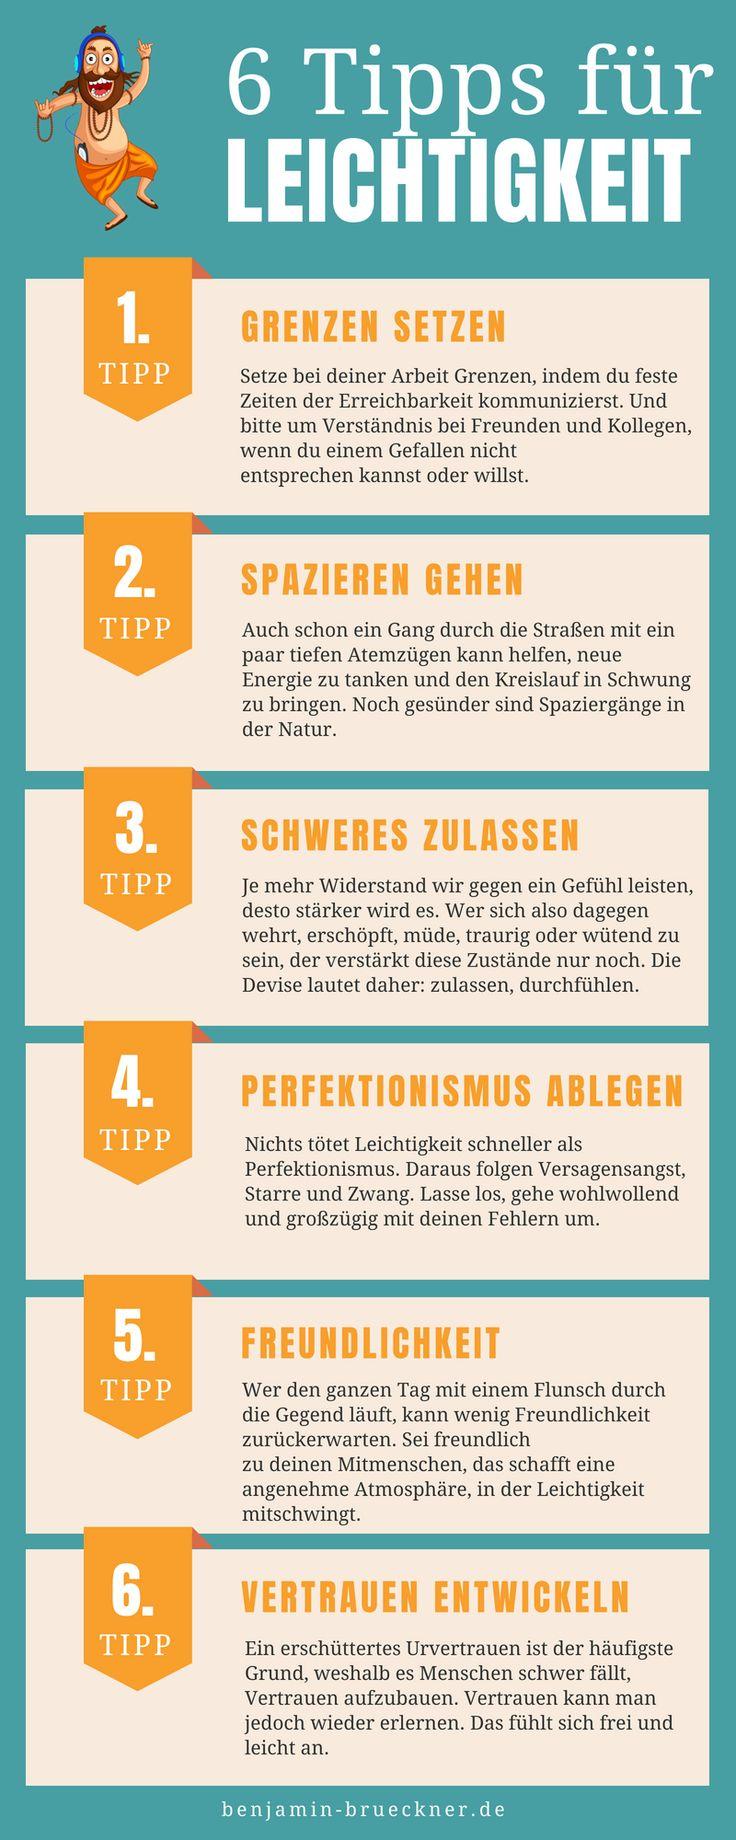 10 Tipps für mehr Leichtigkeit